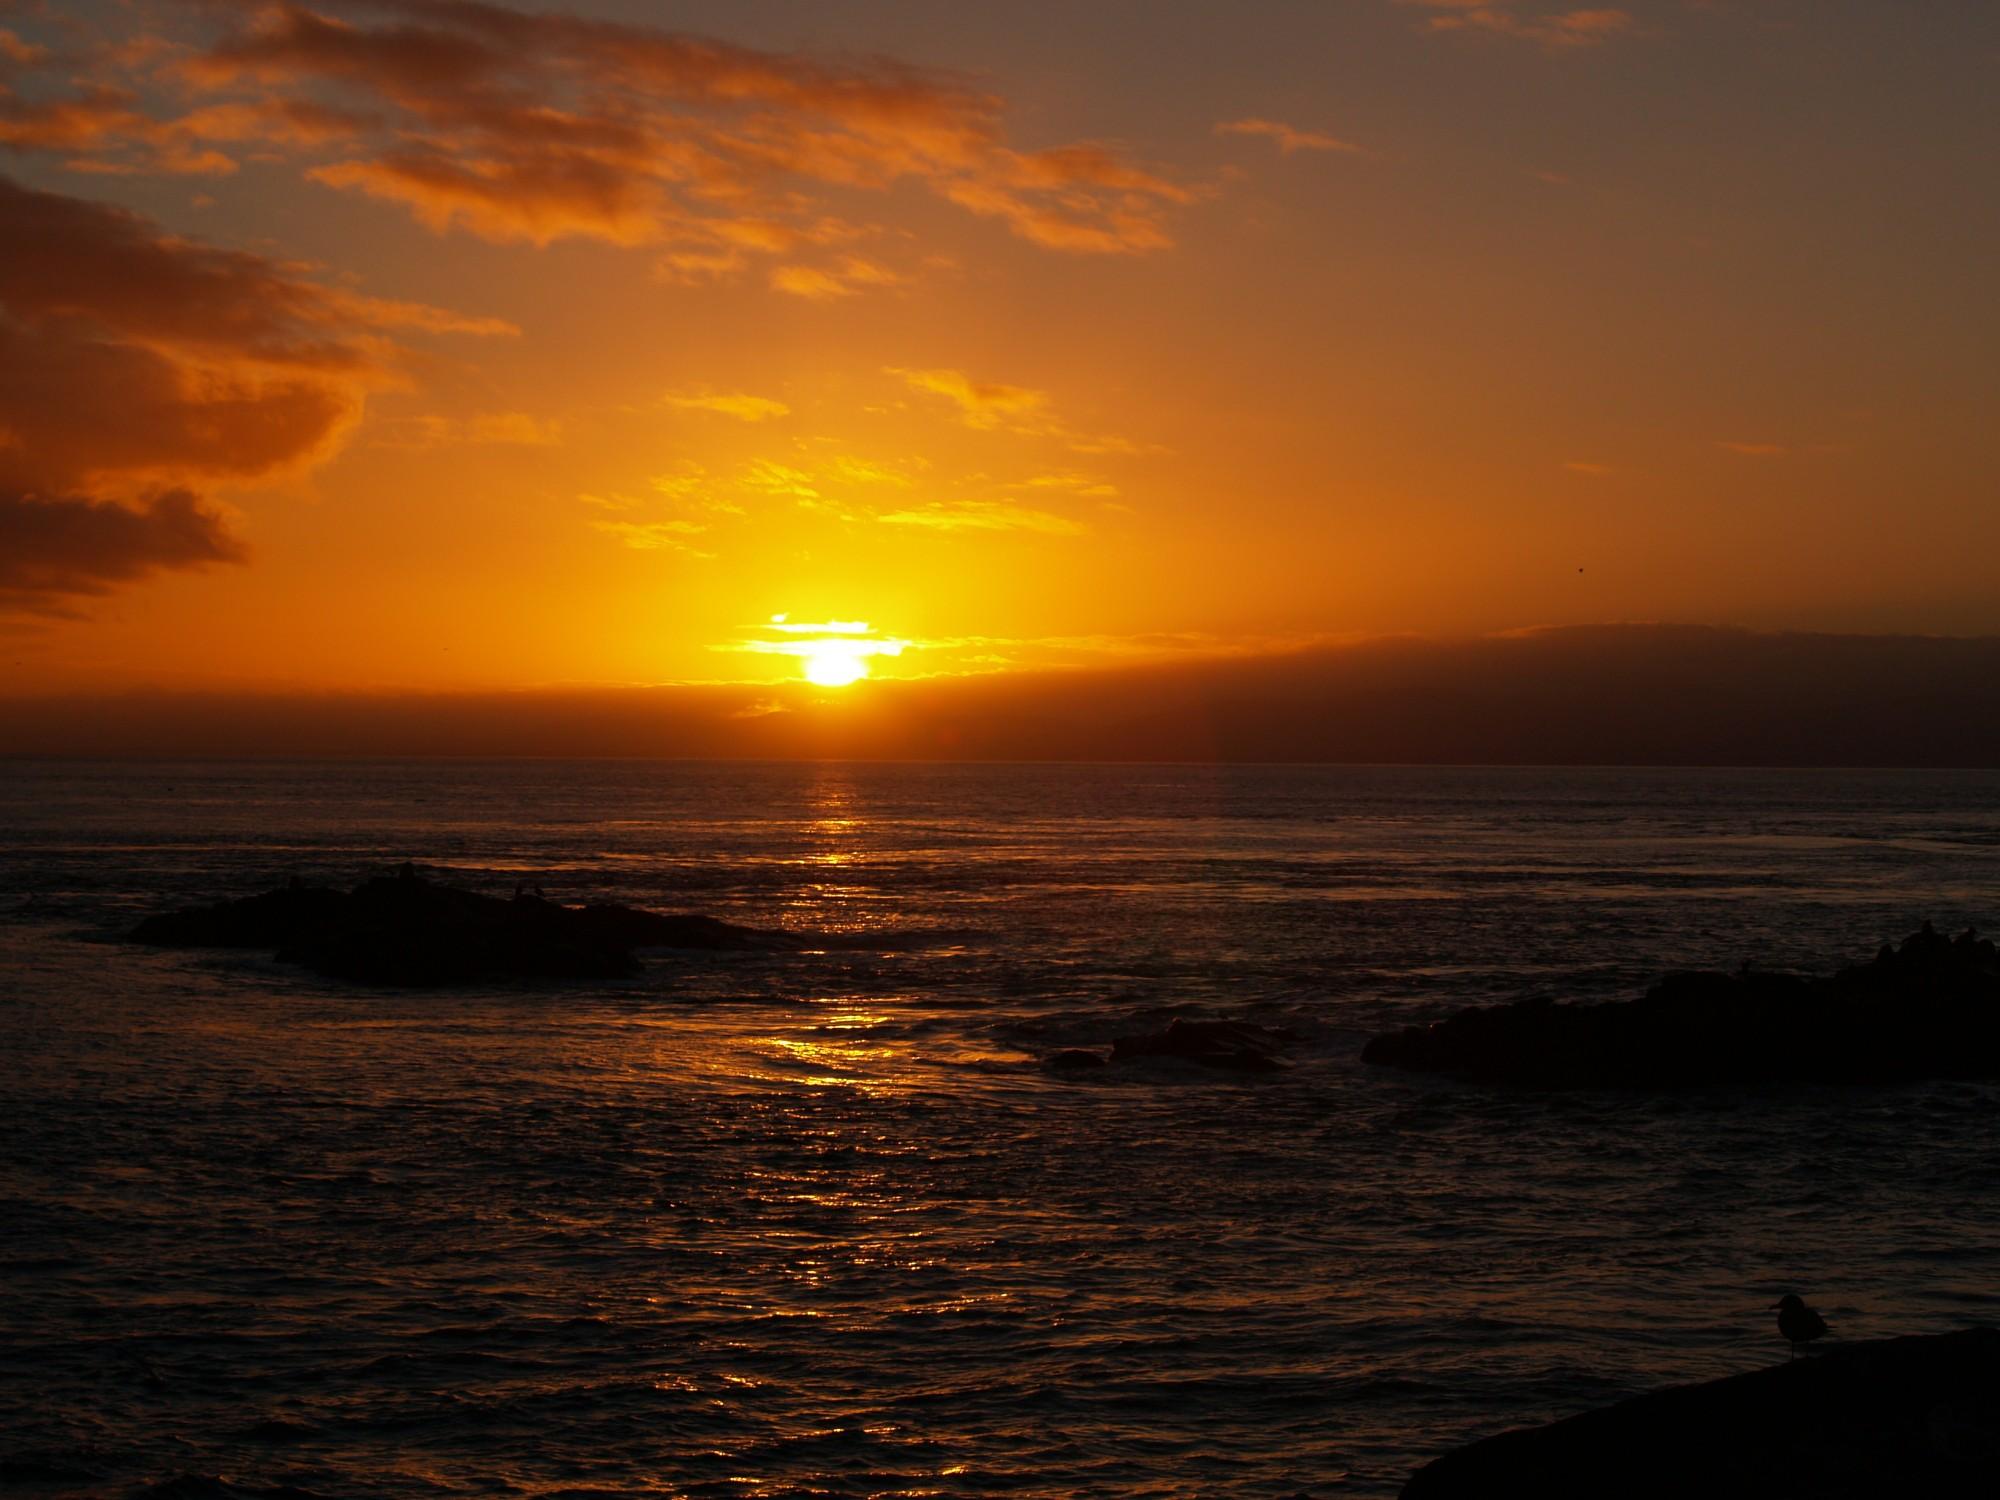 Cracking Sunrise